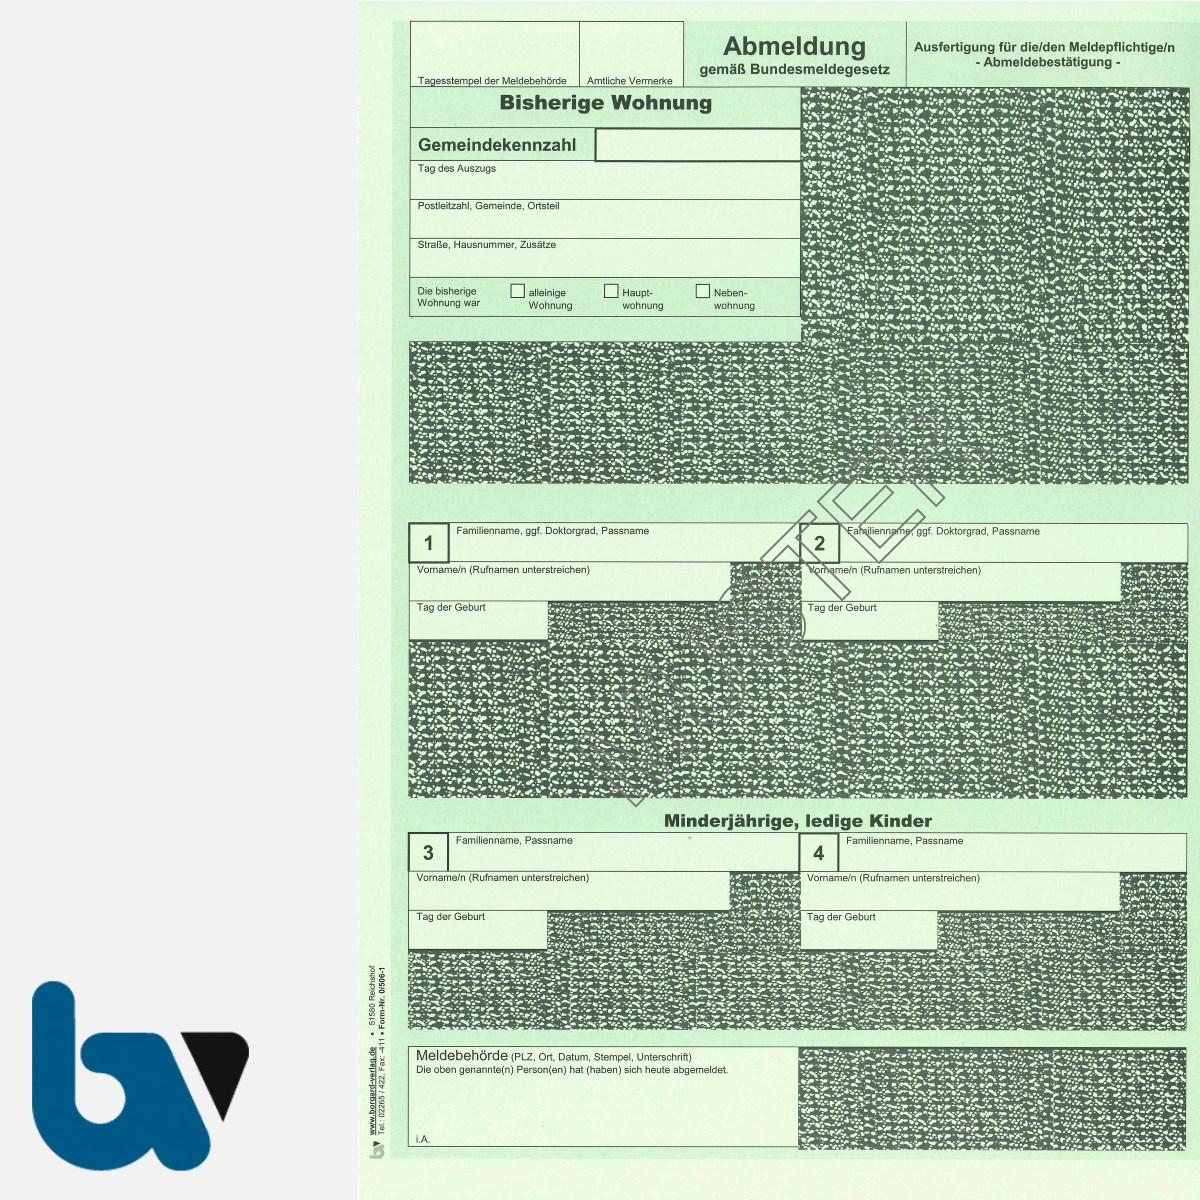 0/506-1 Abmeldung Meldeschein Bestätigung Meldebehörde Bundesmeldegesetz grün 2-fach selbstdurchschreibend DIN A4 Seite 2 | Borgard Verlag GmbH